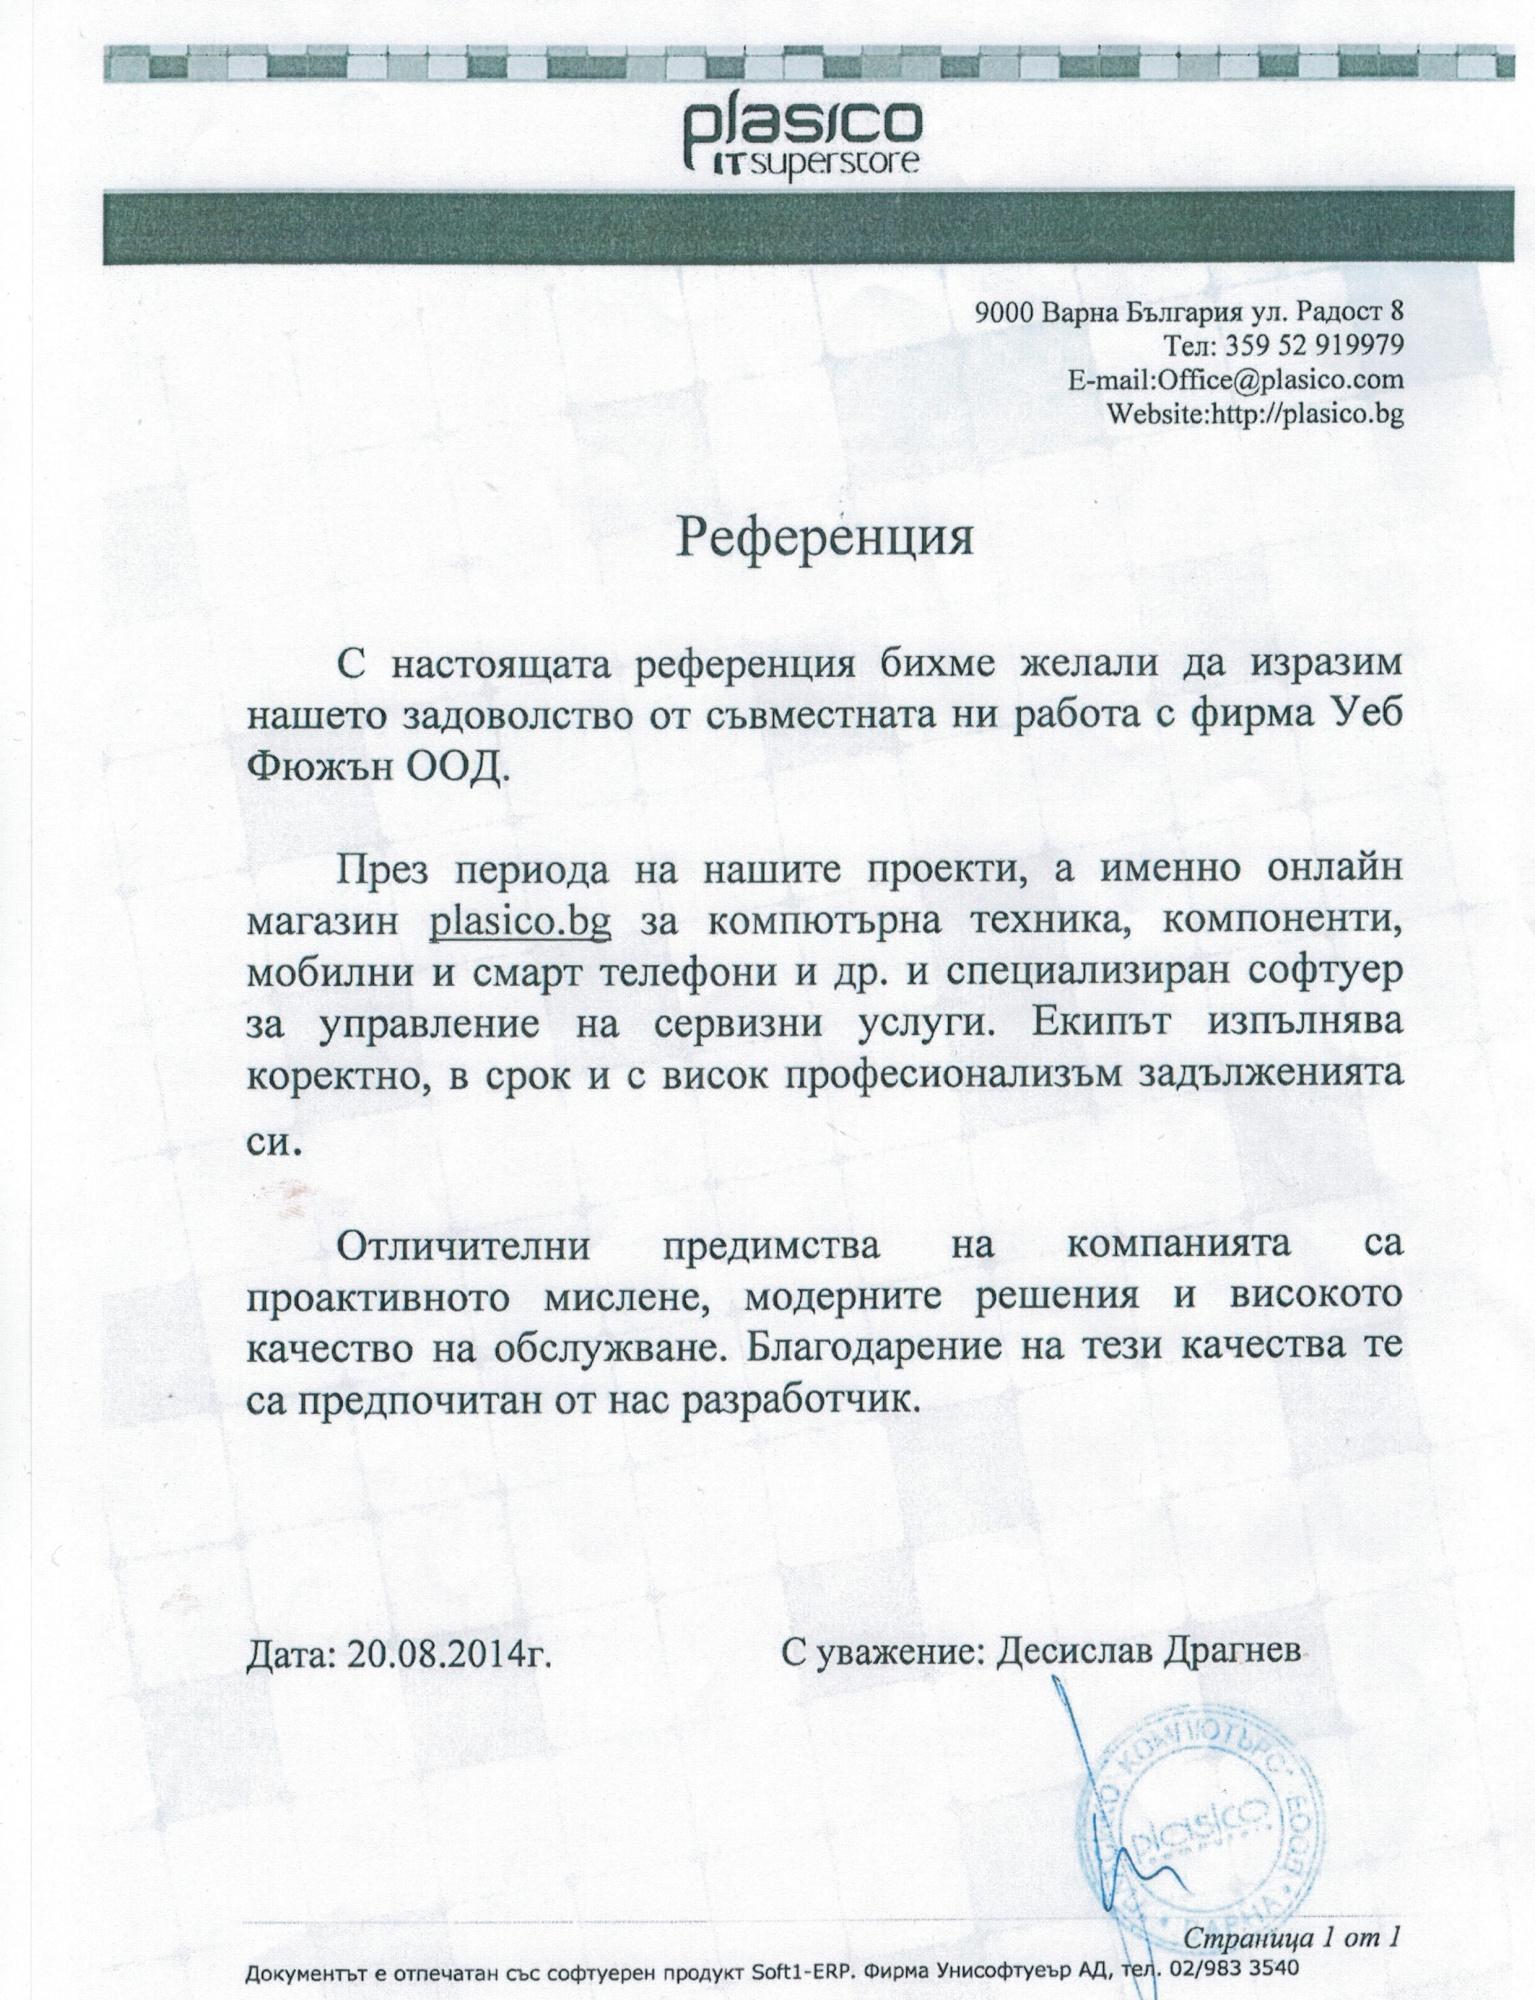 ПЛАСИКО КОМПЮТЪРС ЕООД